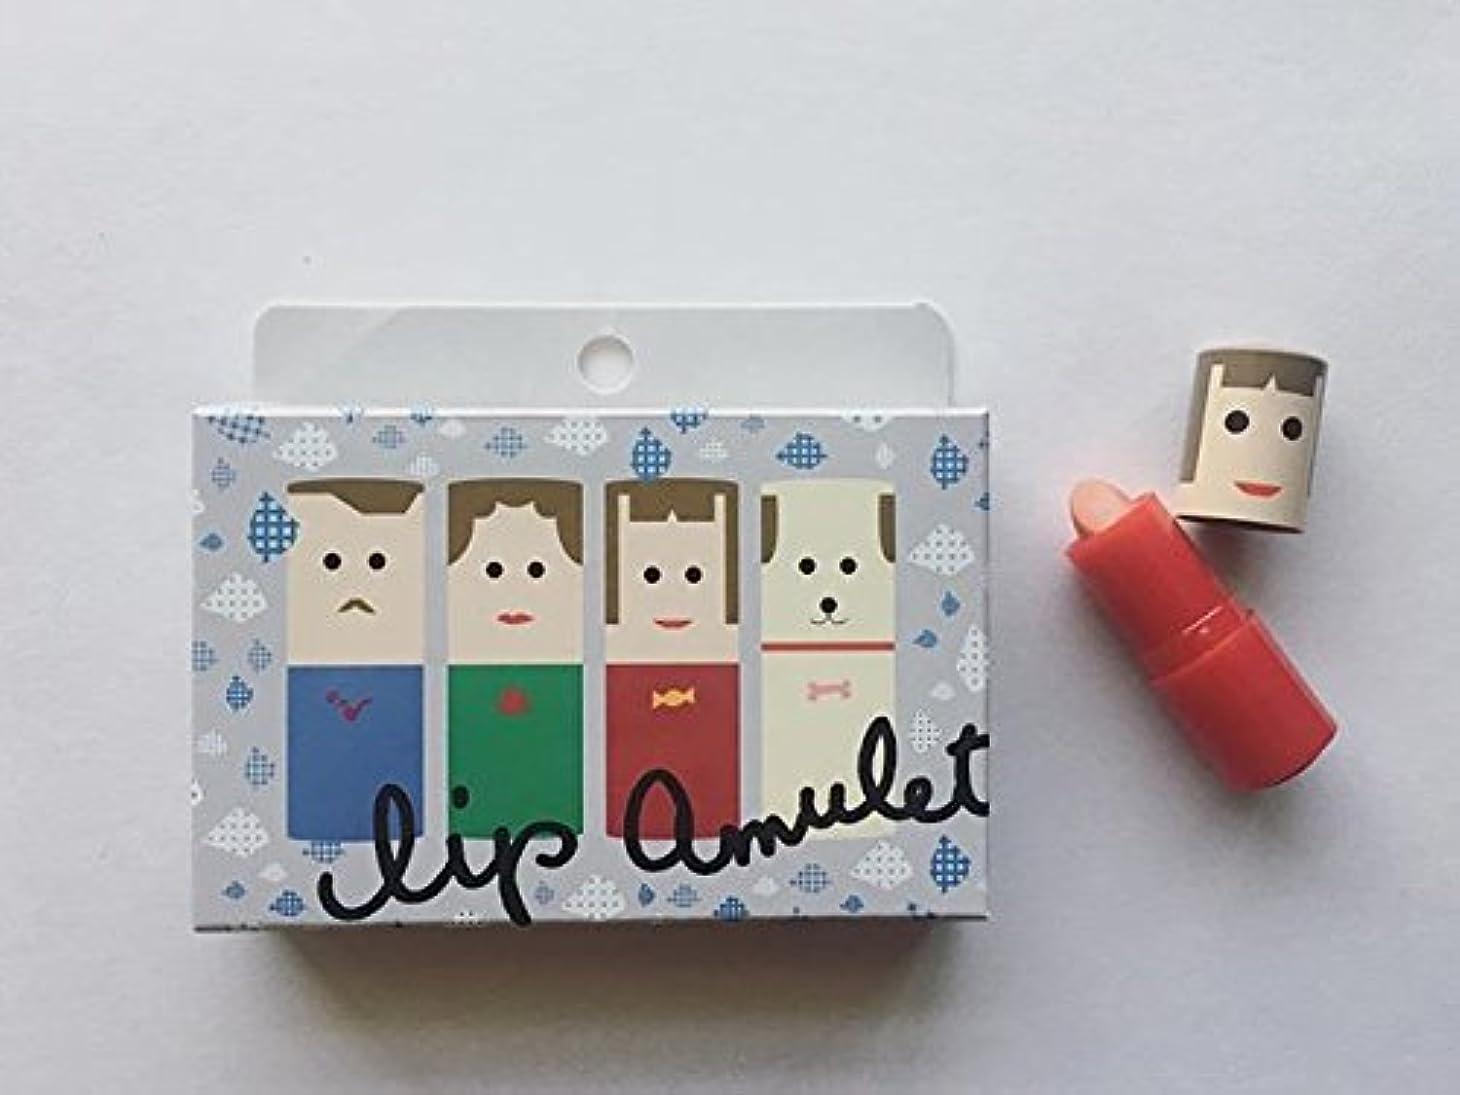 描く失う落胆する【台湾限定】資生堂 Shiseido リップアミュレット Lip Amulet お土産 コスメ 色つきリップ 4色セット